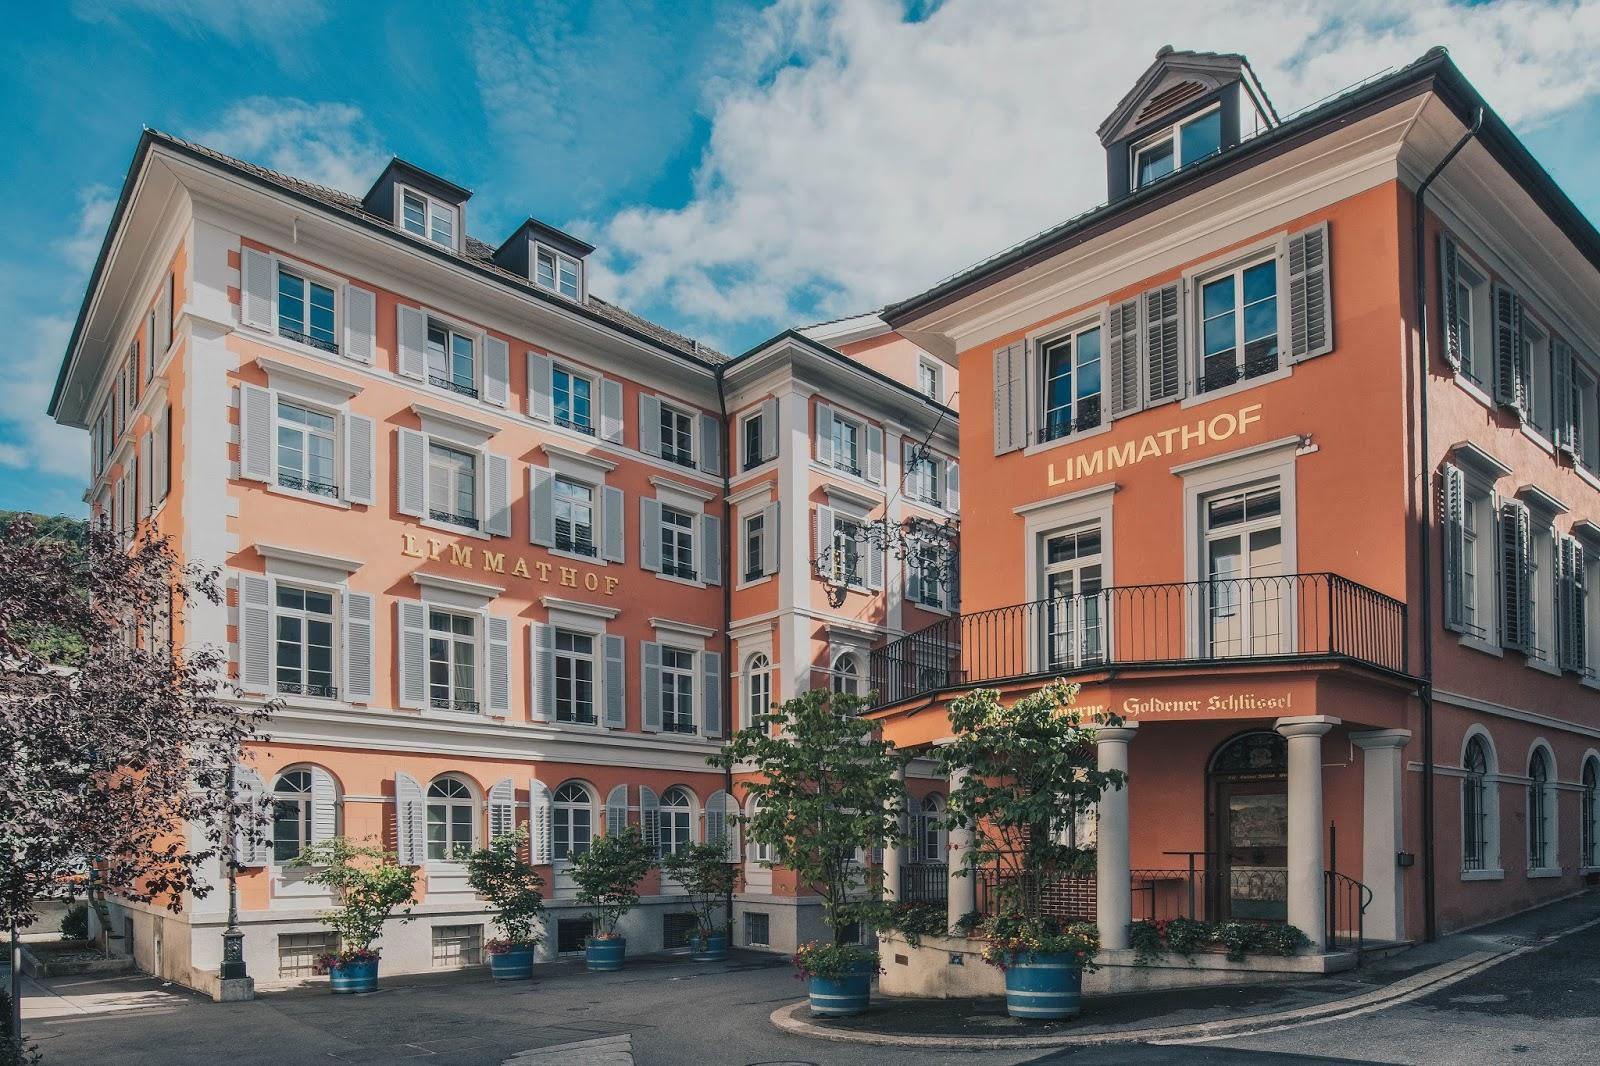 HOTEL - Limmathof Baden – Hotel & SPA | Fashion Whisper | Bloglovin\'